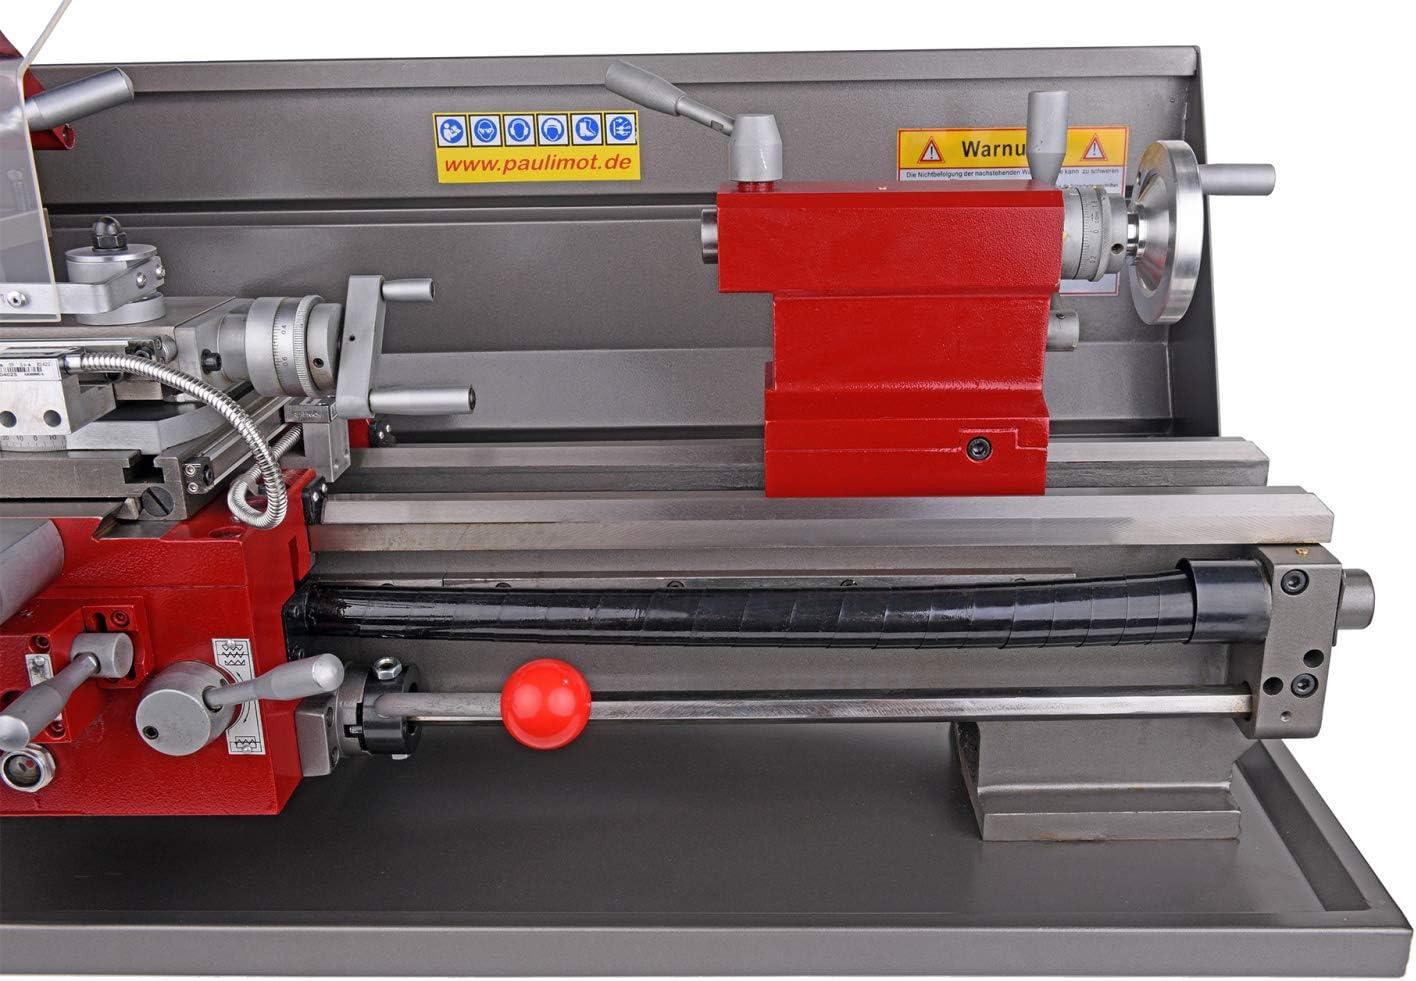 PAULIMOT Drehbank//Drehmaschine PM3700 mit 400 Volt Motor mit Messsystem